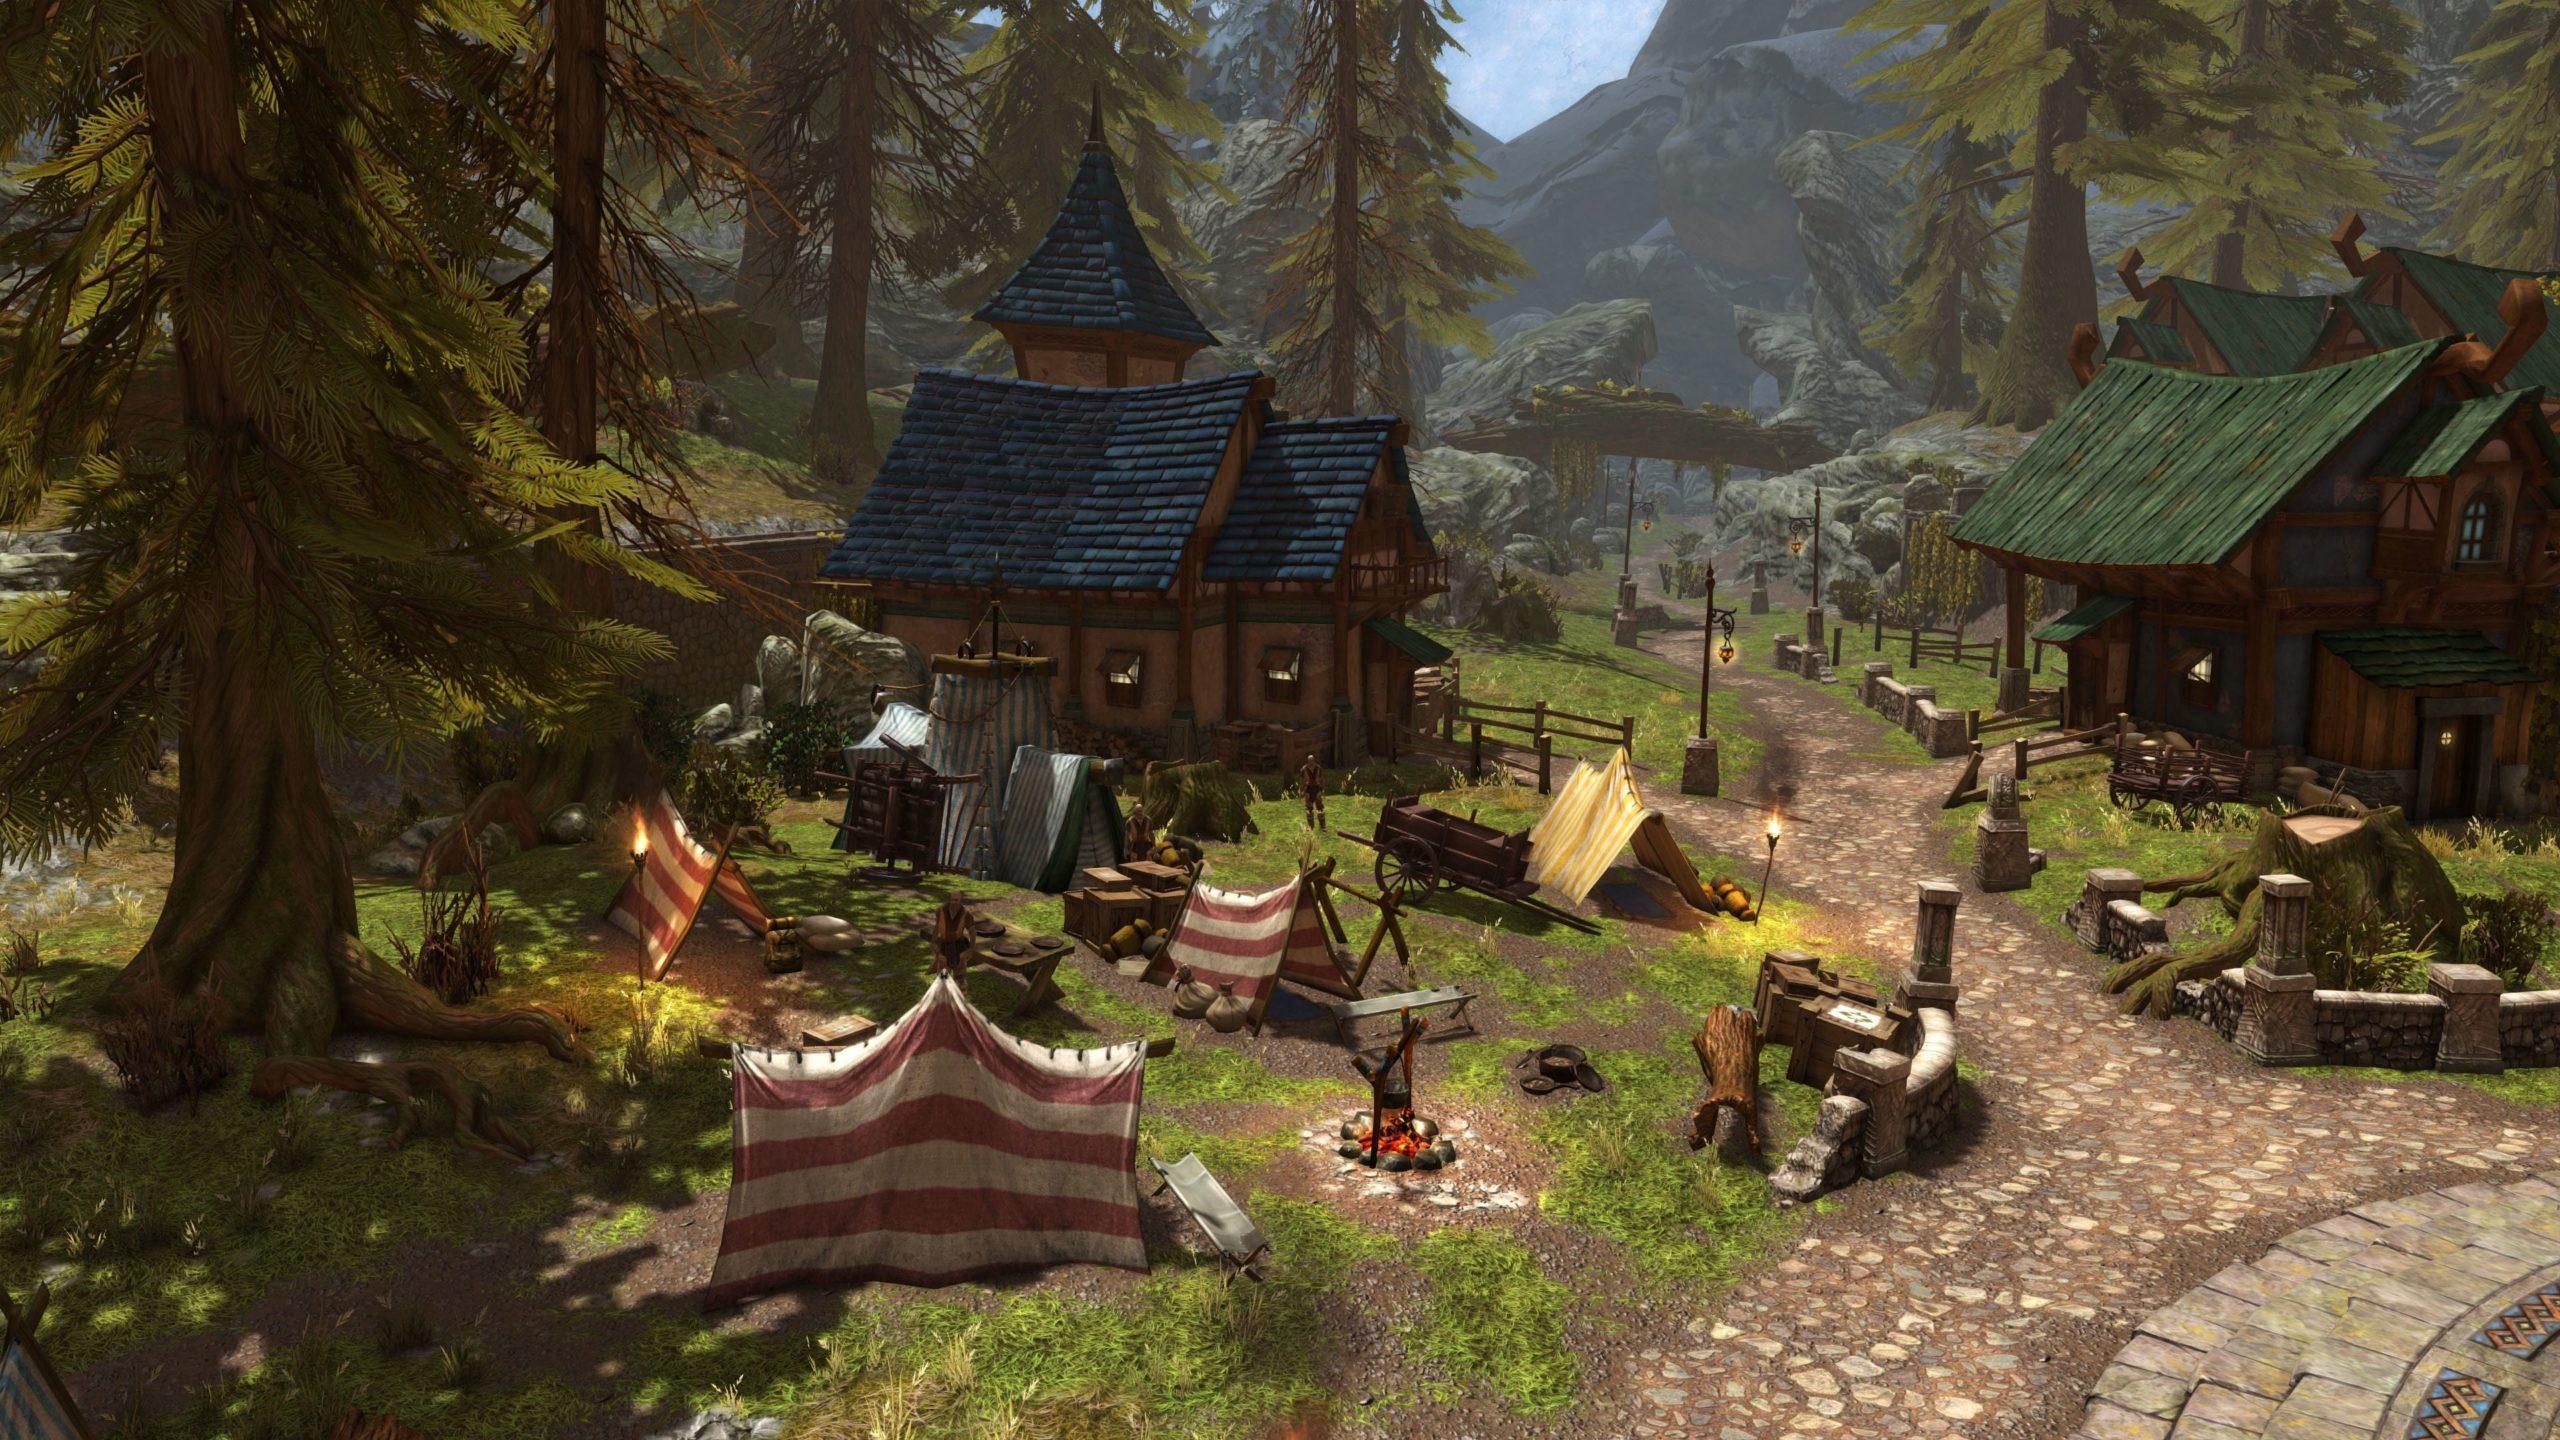 Vývoj chystaného DLC pro Kingdoms of Amalur: Re-Reckoning je ve finální fázi Chystane min scaled